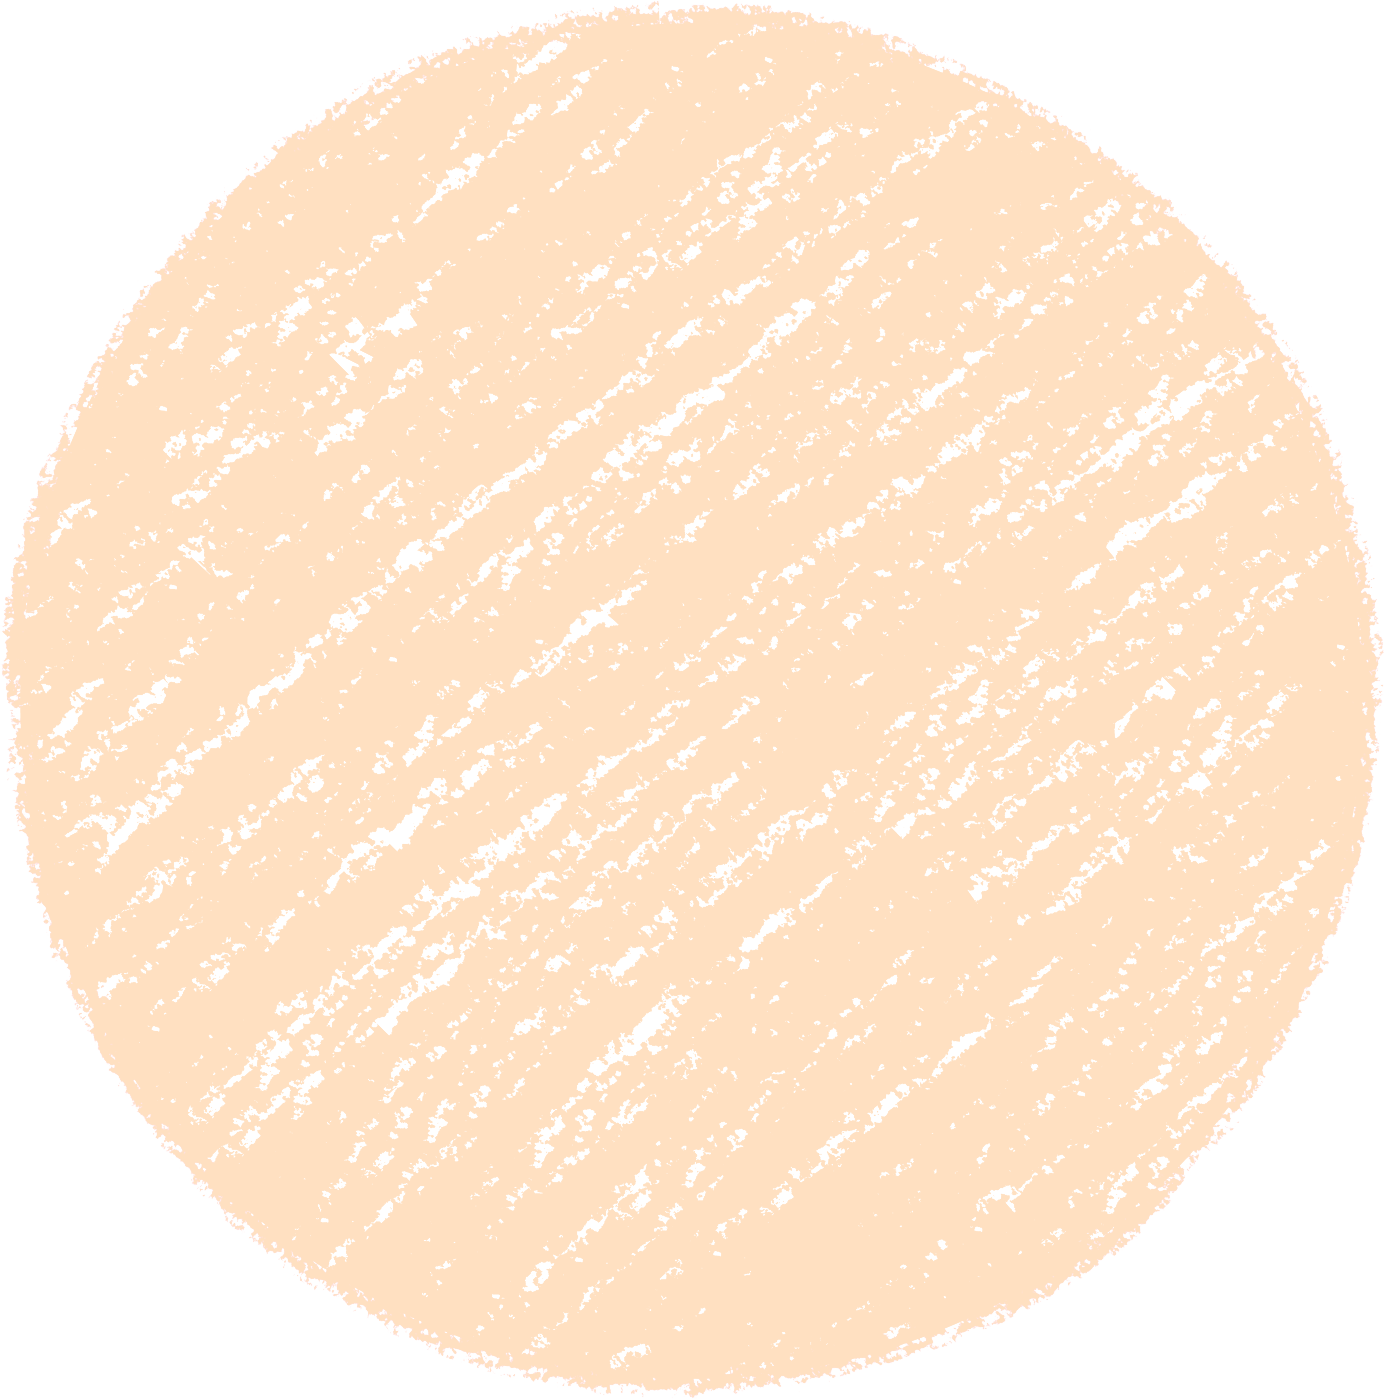 クレヨン塗り背景 だいだい色 肌色 新(オレンジ)丸 パステル のイラスト sircle_orange